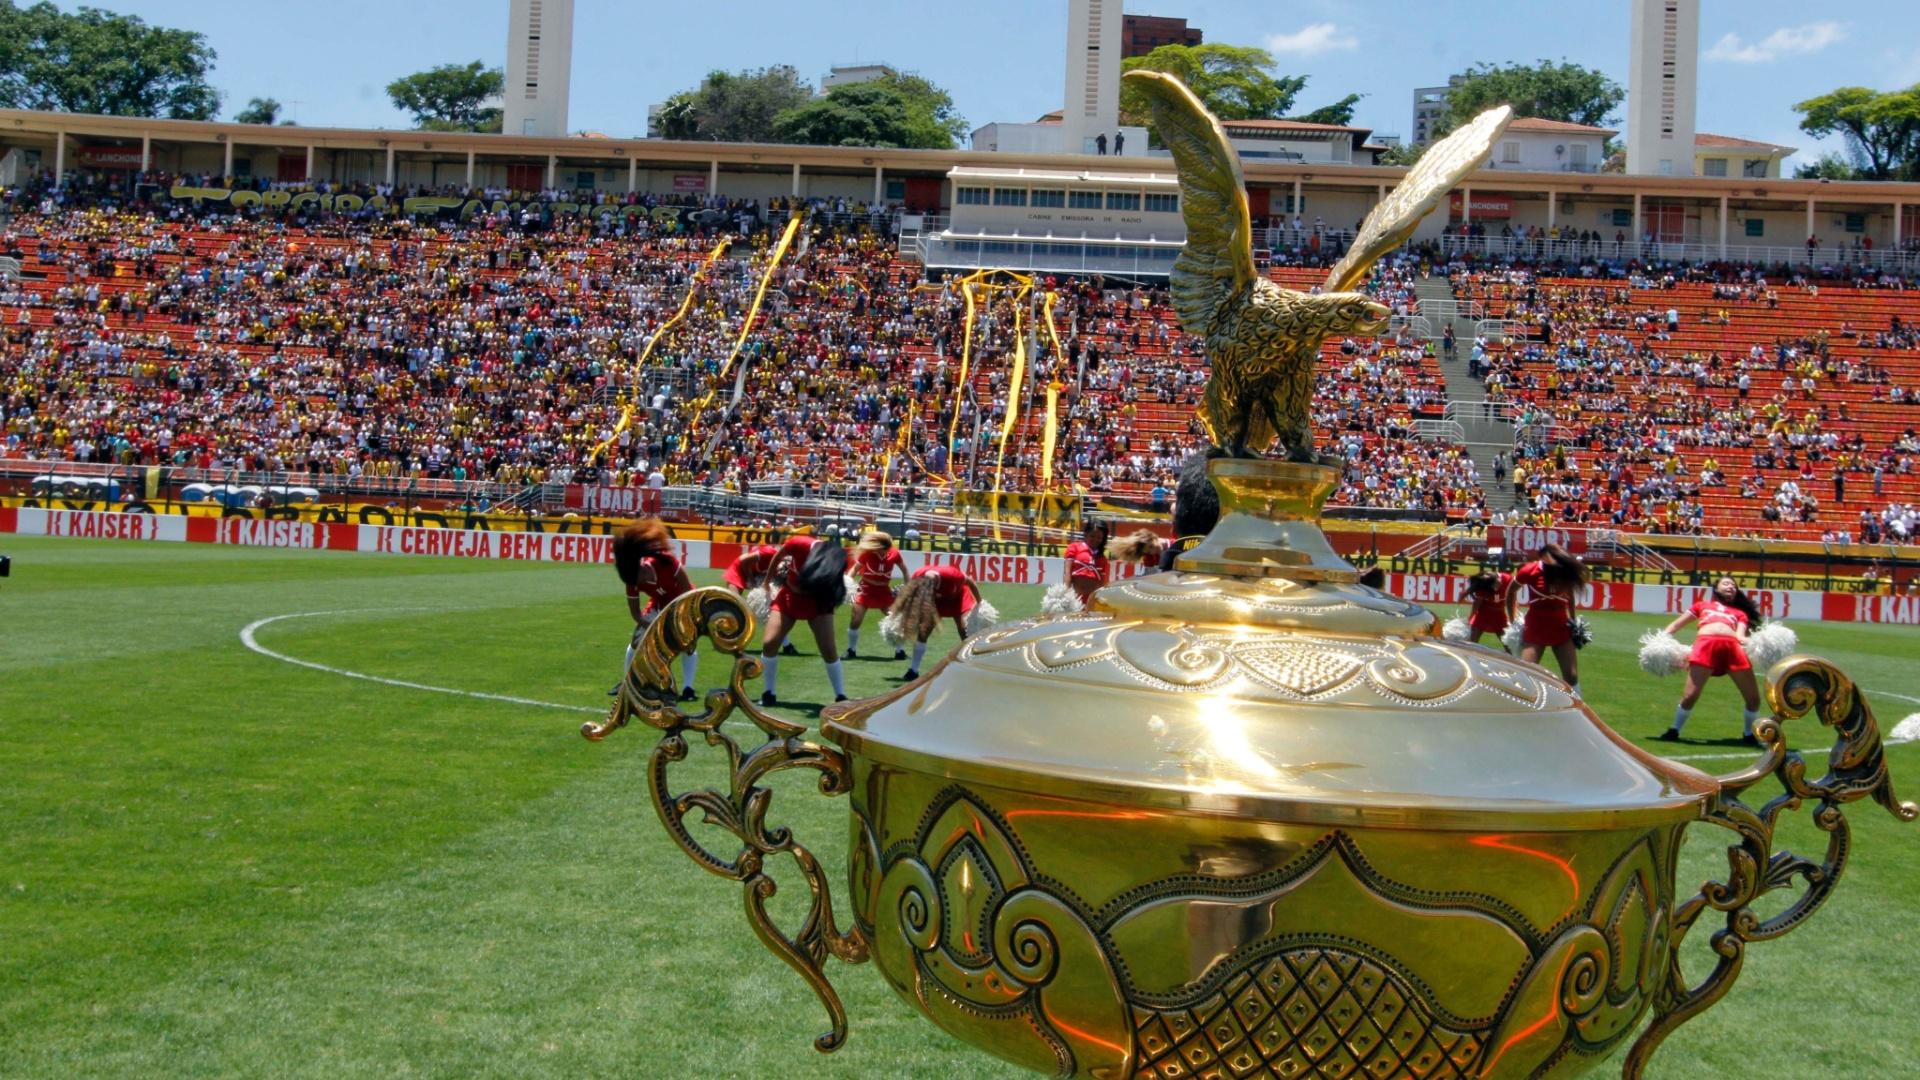 Taça de campeão da Copa Kaiser foi para o Ajax após a vitória por 3 a 2 sobre a Turma do Baffô